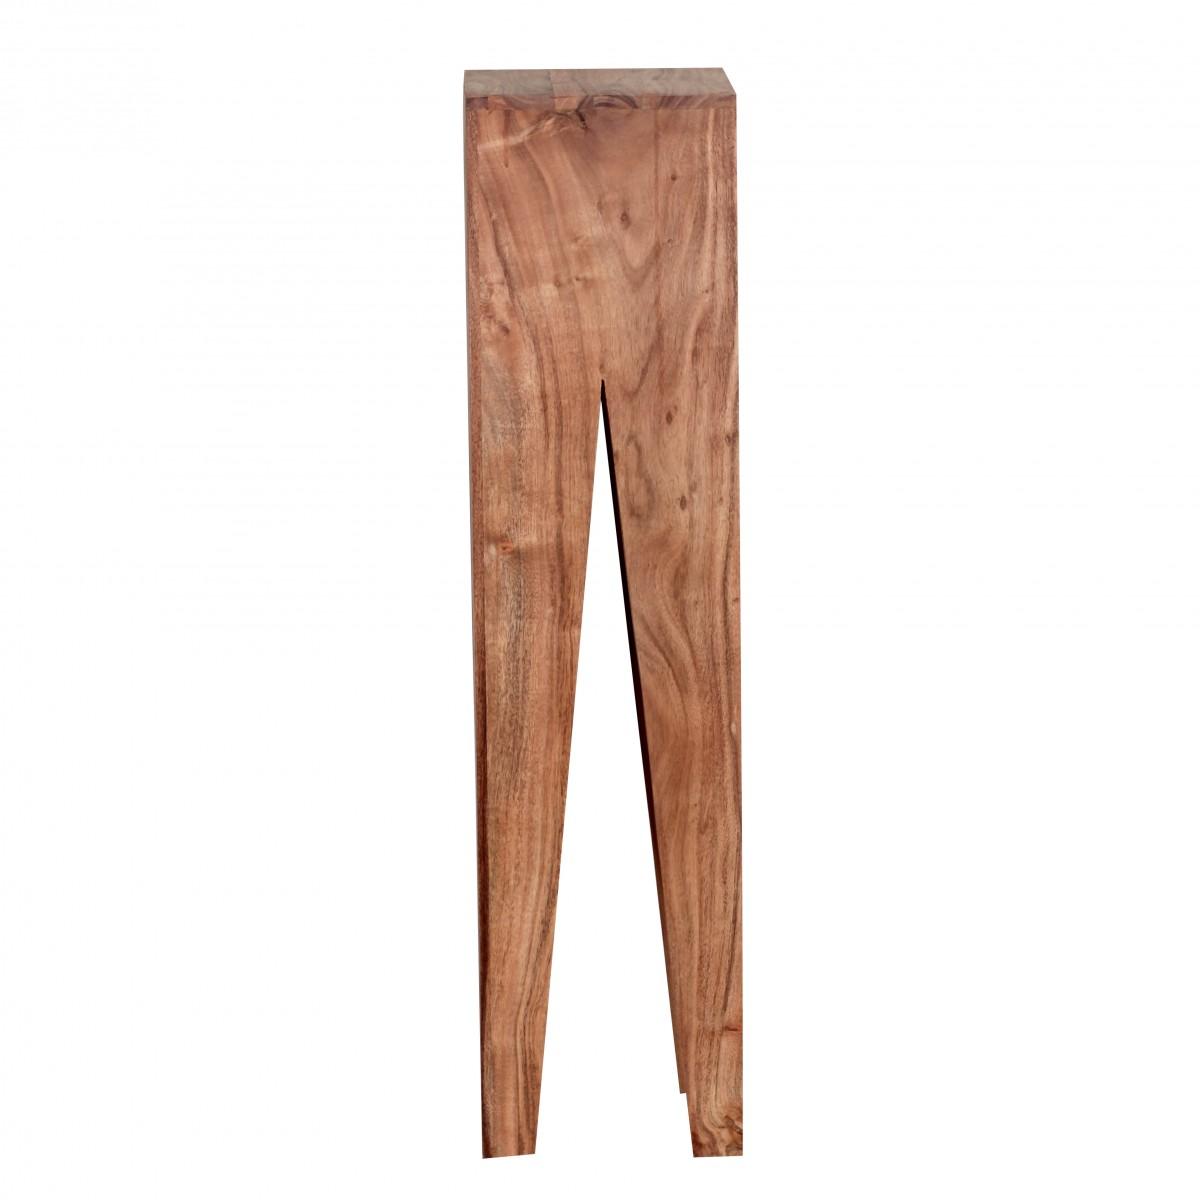 Wohnling akazie massivholz beistelltische 3er set for 3 beistelltische